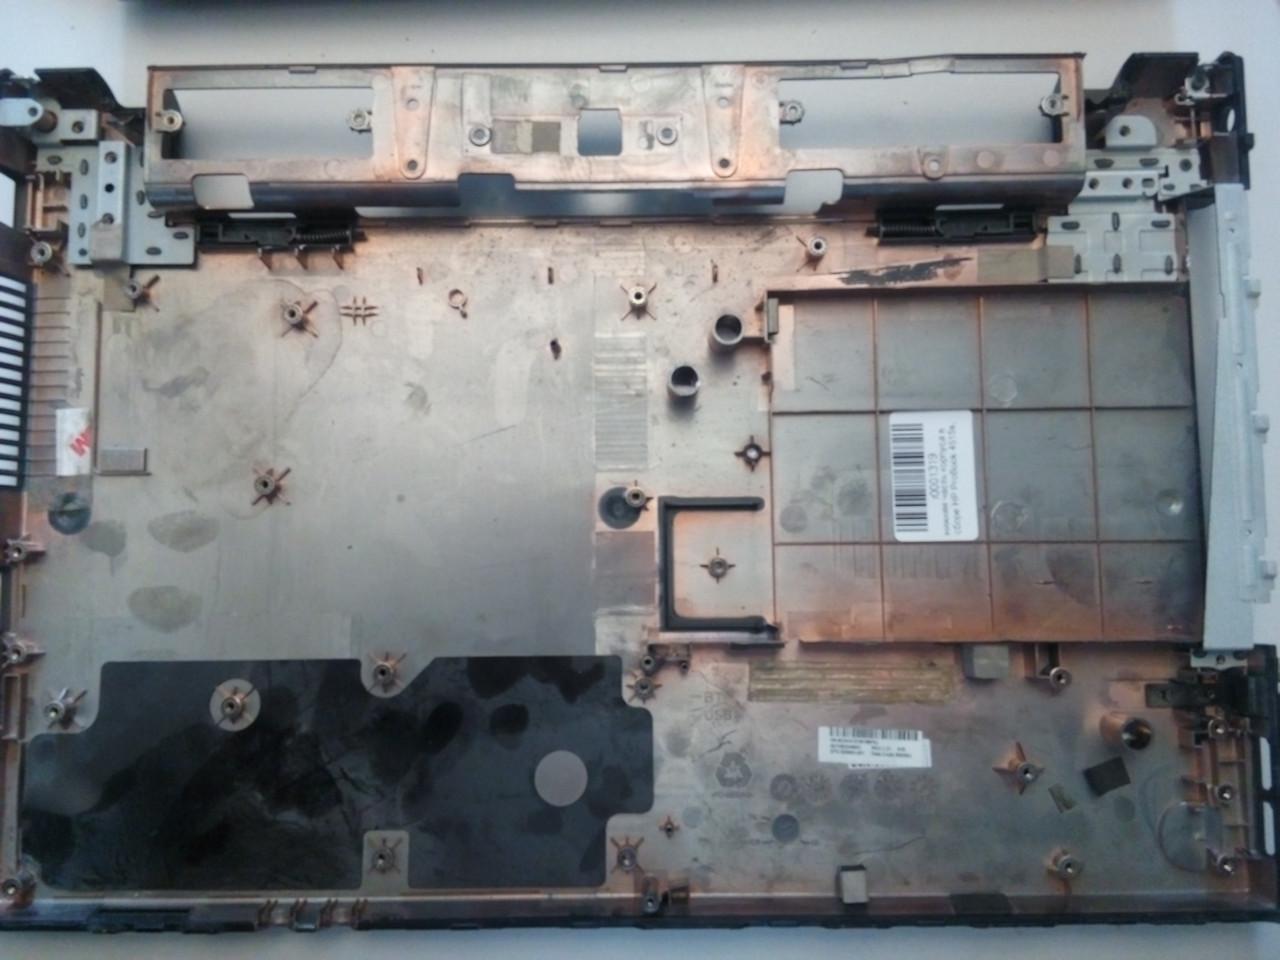 Нижня частина корпусу в зборі HP ProBook 4515s, 4510s 6070B0346601 6070B0346901